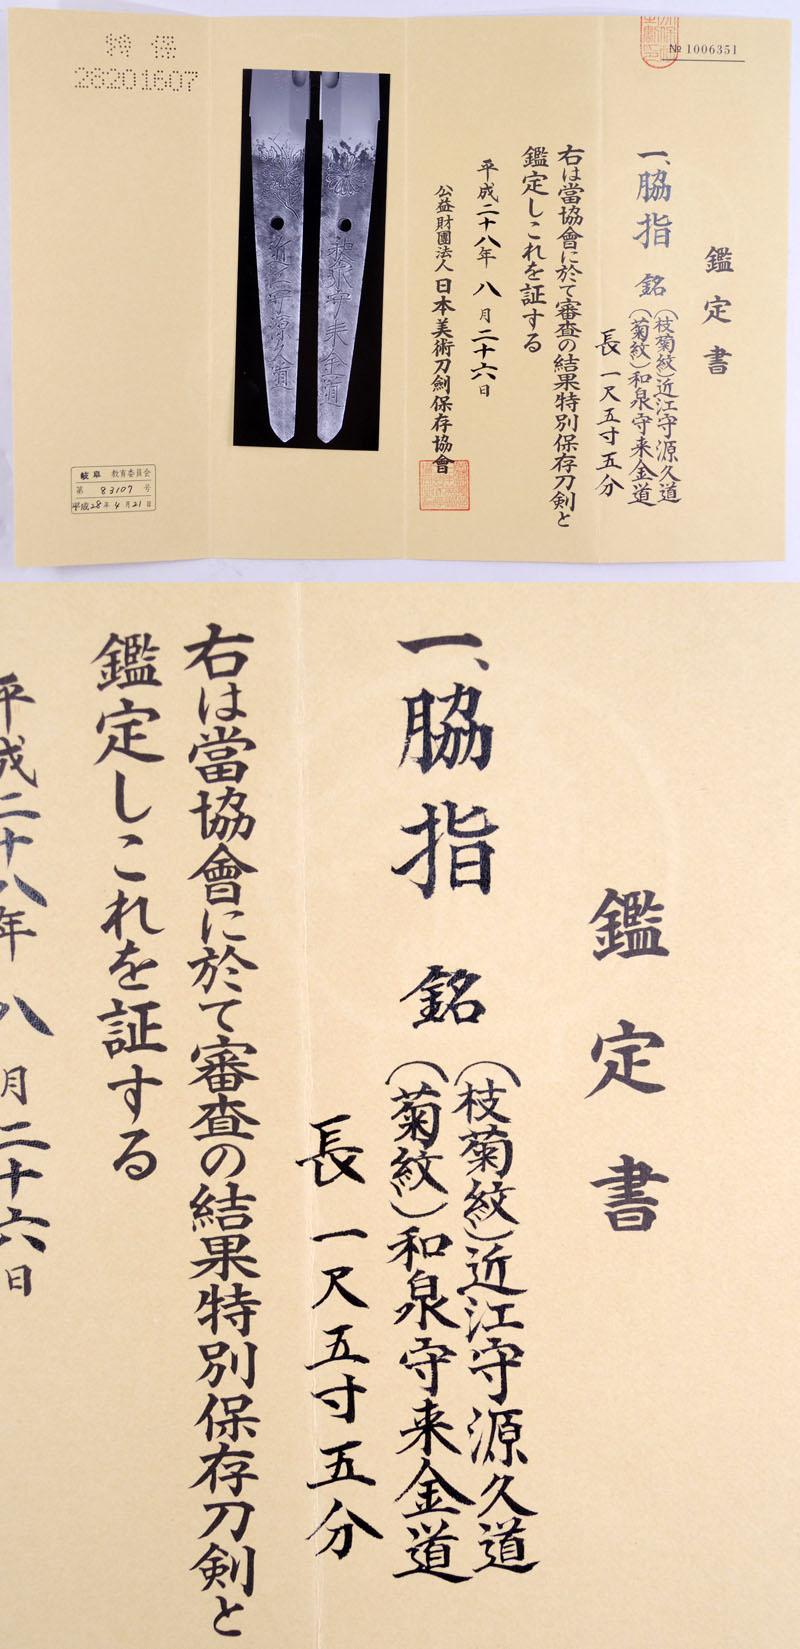 近江守源久道 (二代)(兄弟合作) Picture of Certificate